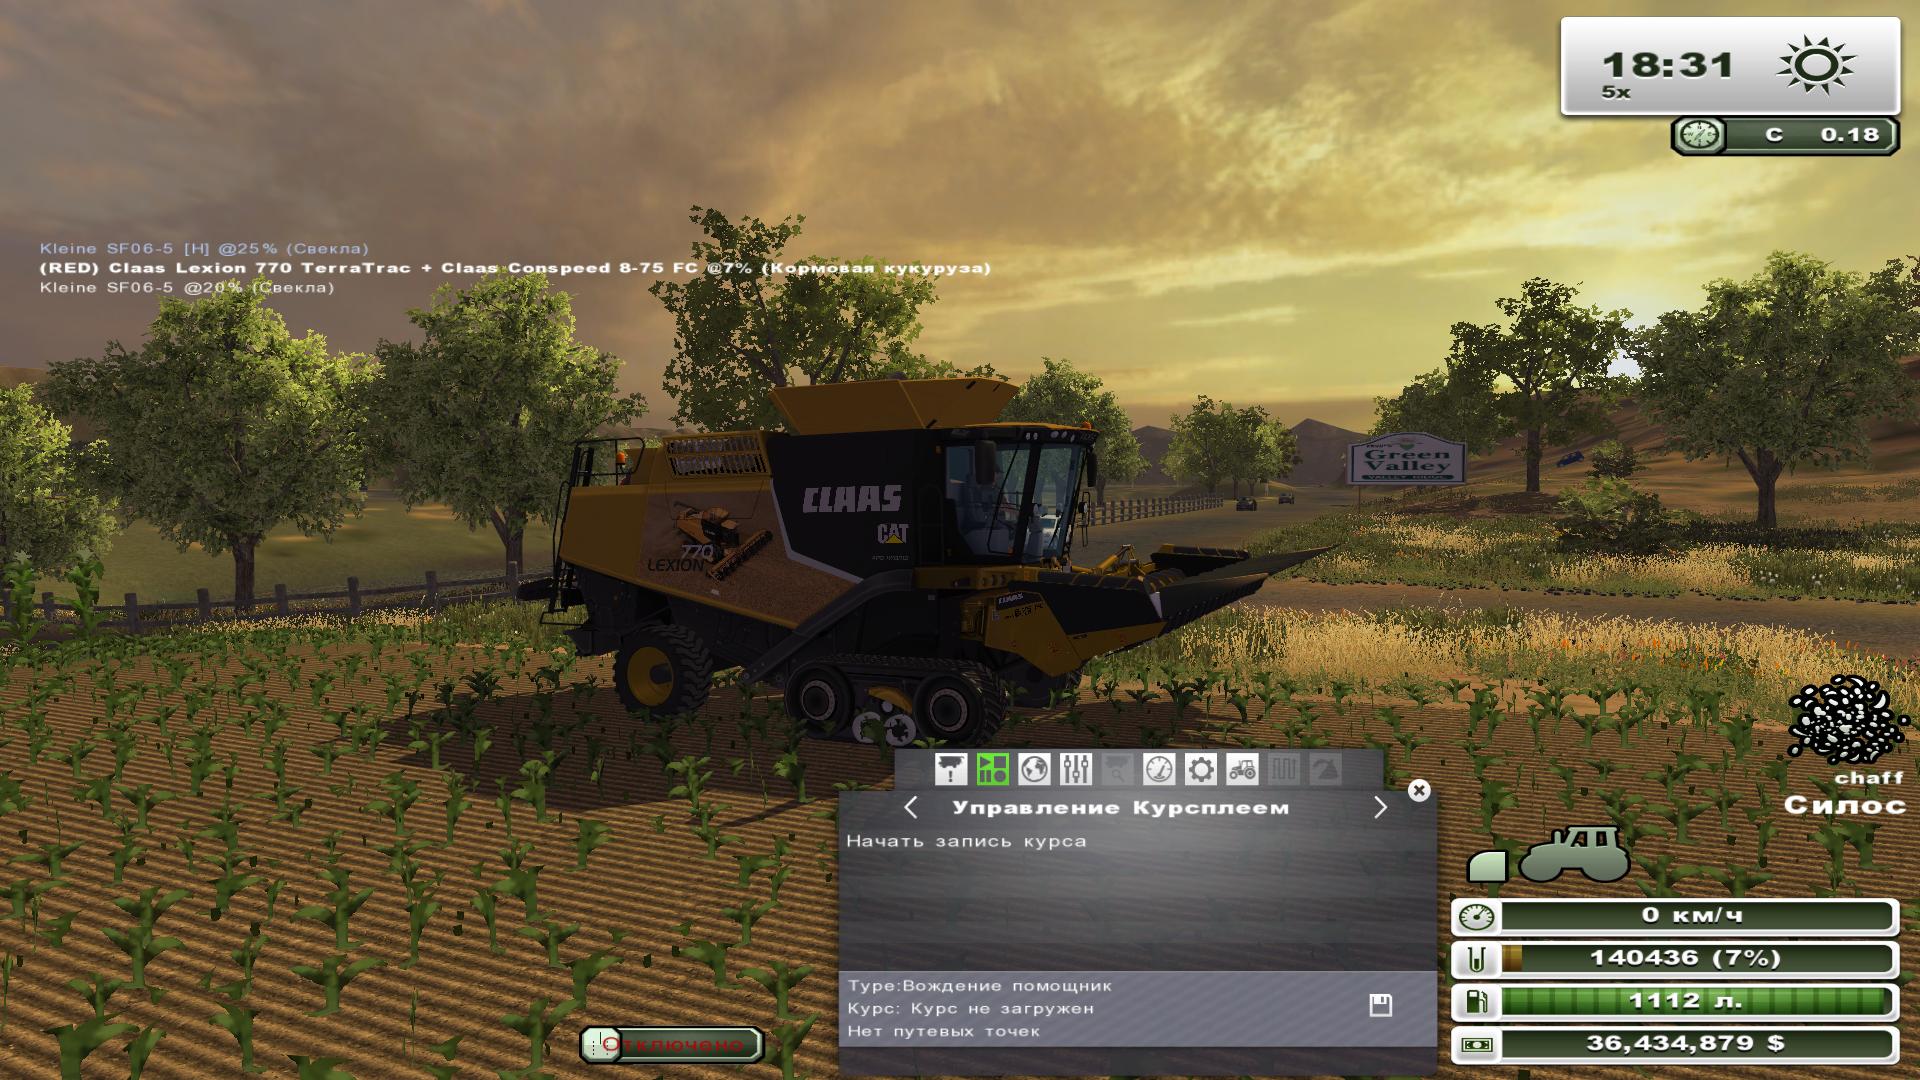 Скачать дополнение на фермер симулятор 2018